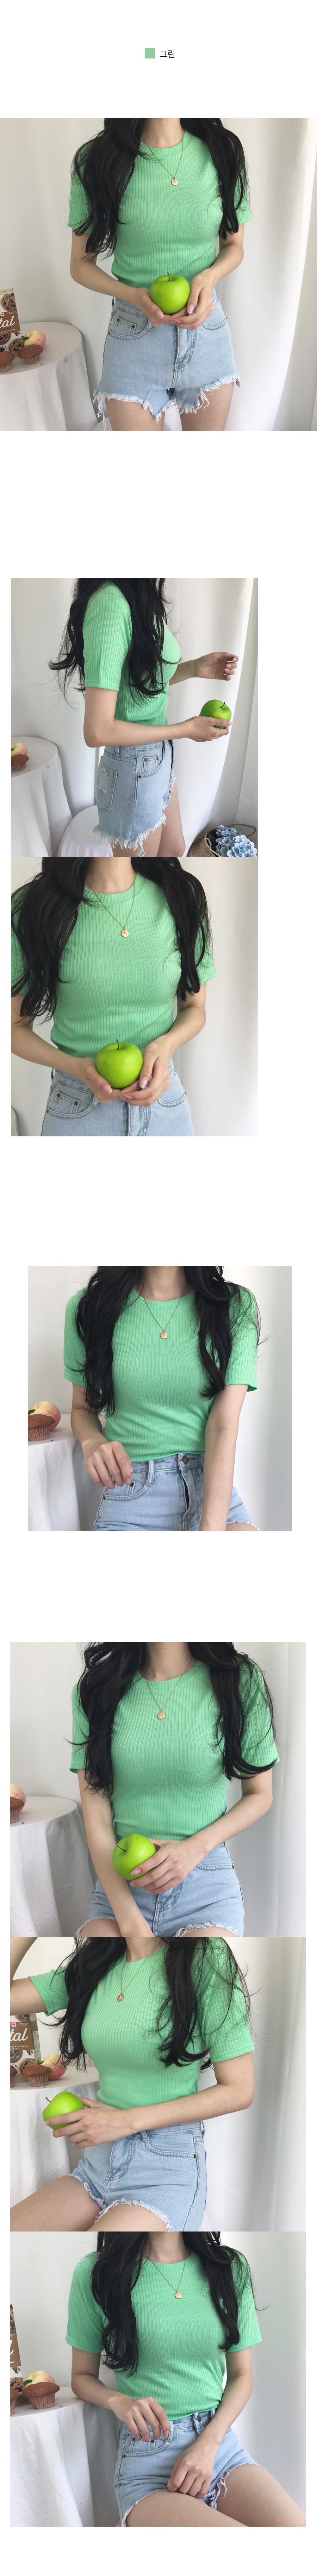 Aiyo Ribbed Short-sleeved T-shirt